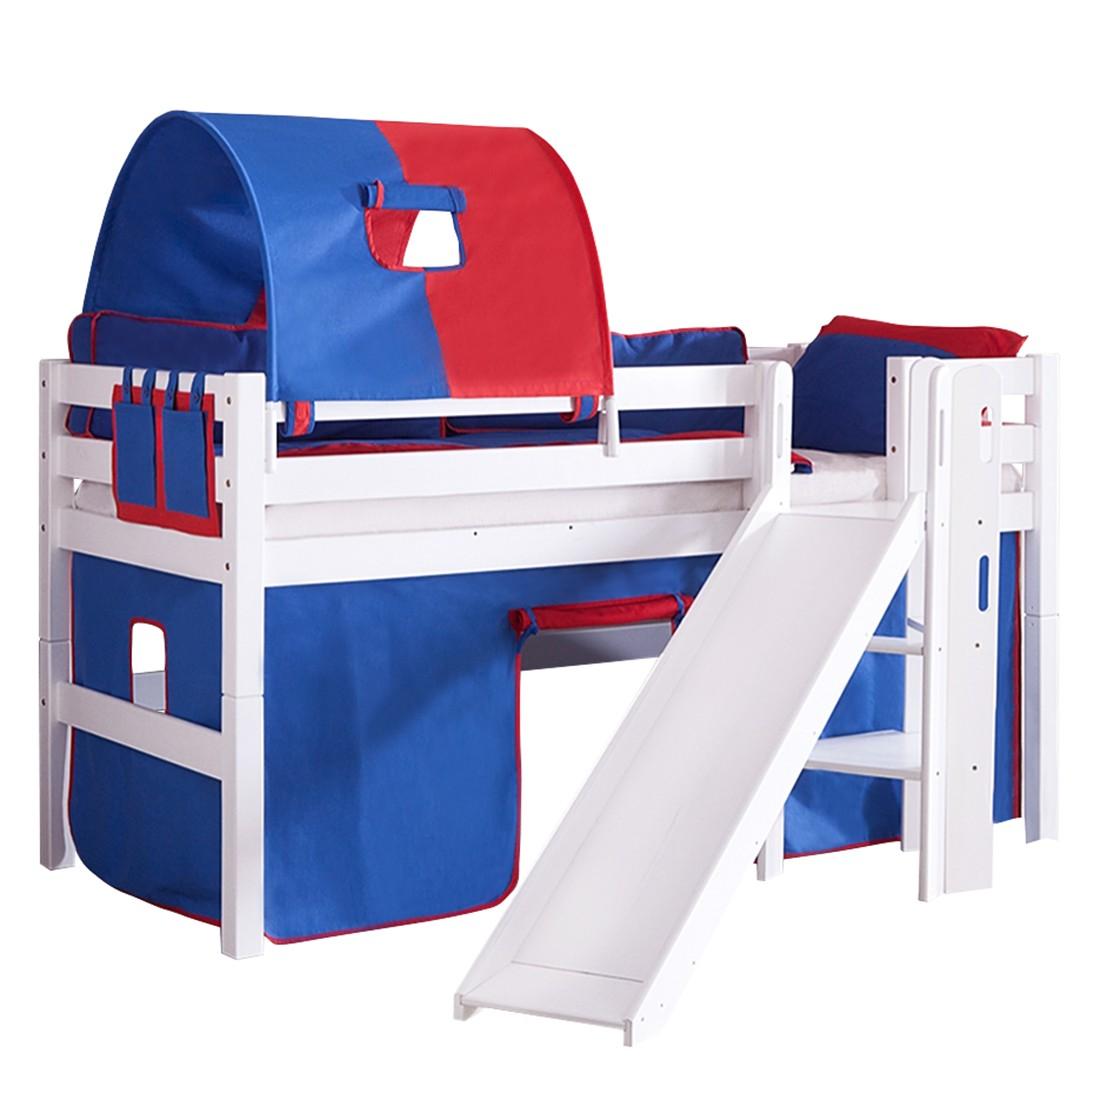 Spielbett Eliyas - mit Rutsche, Vorhang, Tunnel und Tasche - Buche weiß/Textil blau-rot, Relita